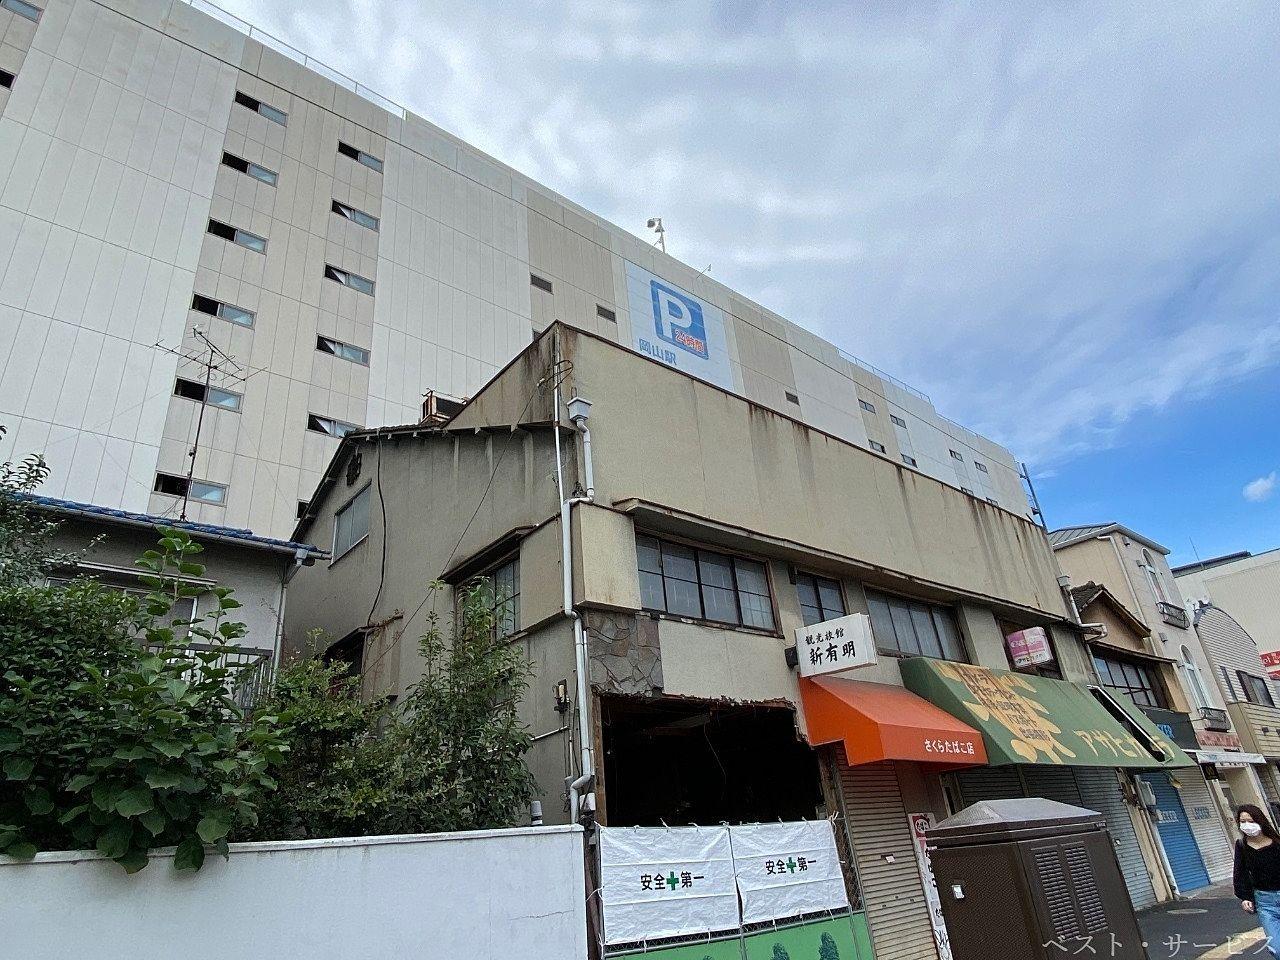 JR岡山駅西口筋沿いの建物解体が始まる